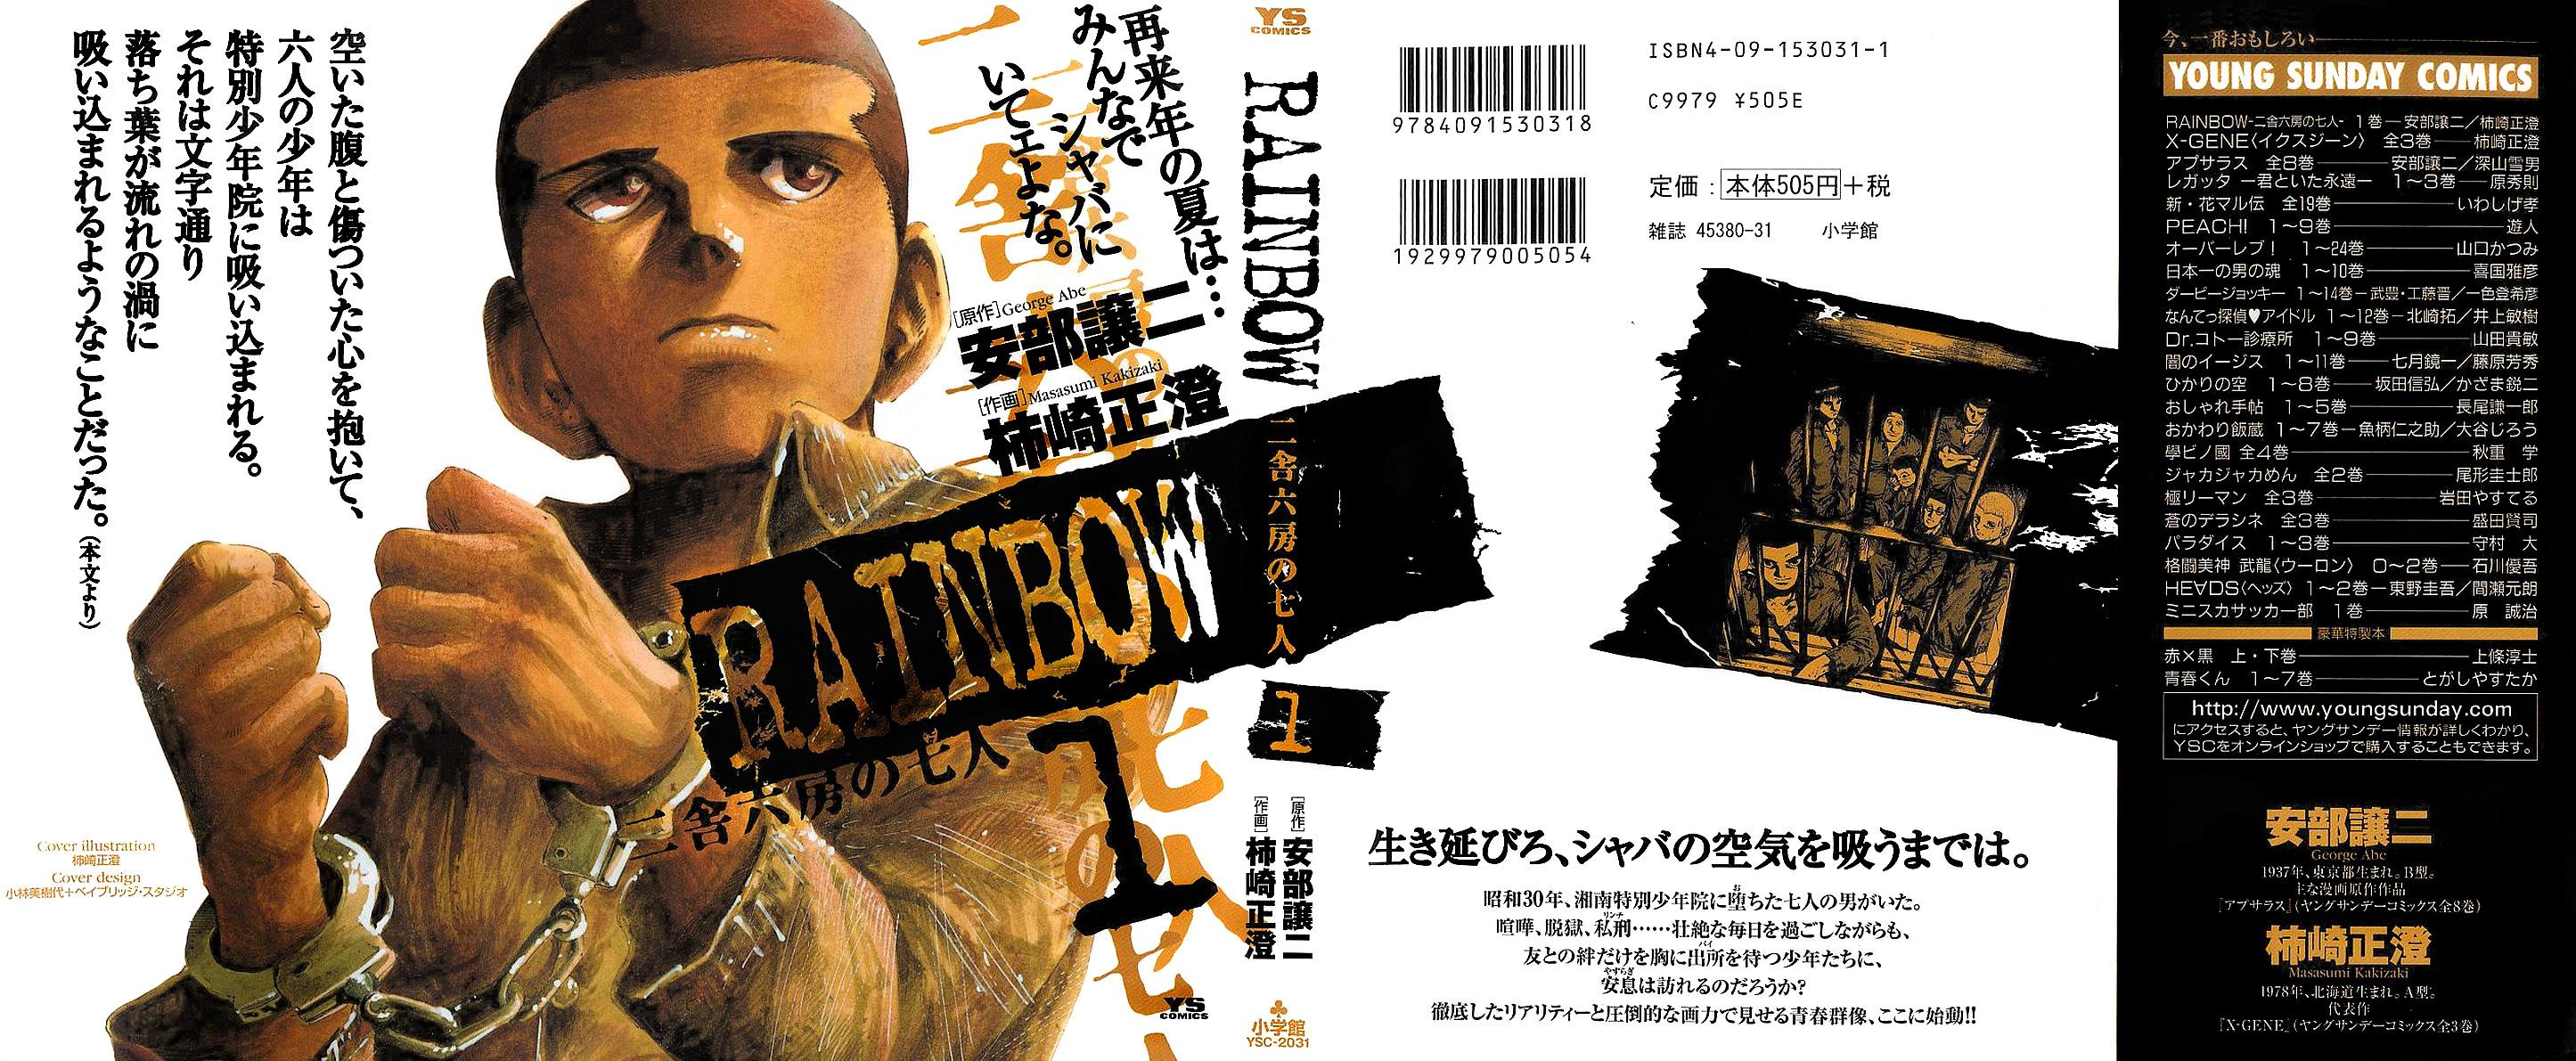 https://nine.mangadogs.com/br_manga/pic/57/6329/6492194/RainbowNishaRokubounoShich_0_609.jpg Page 1